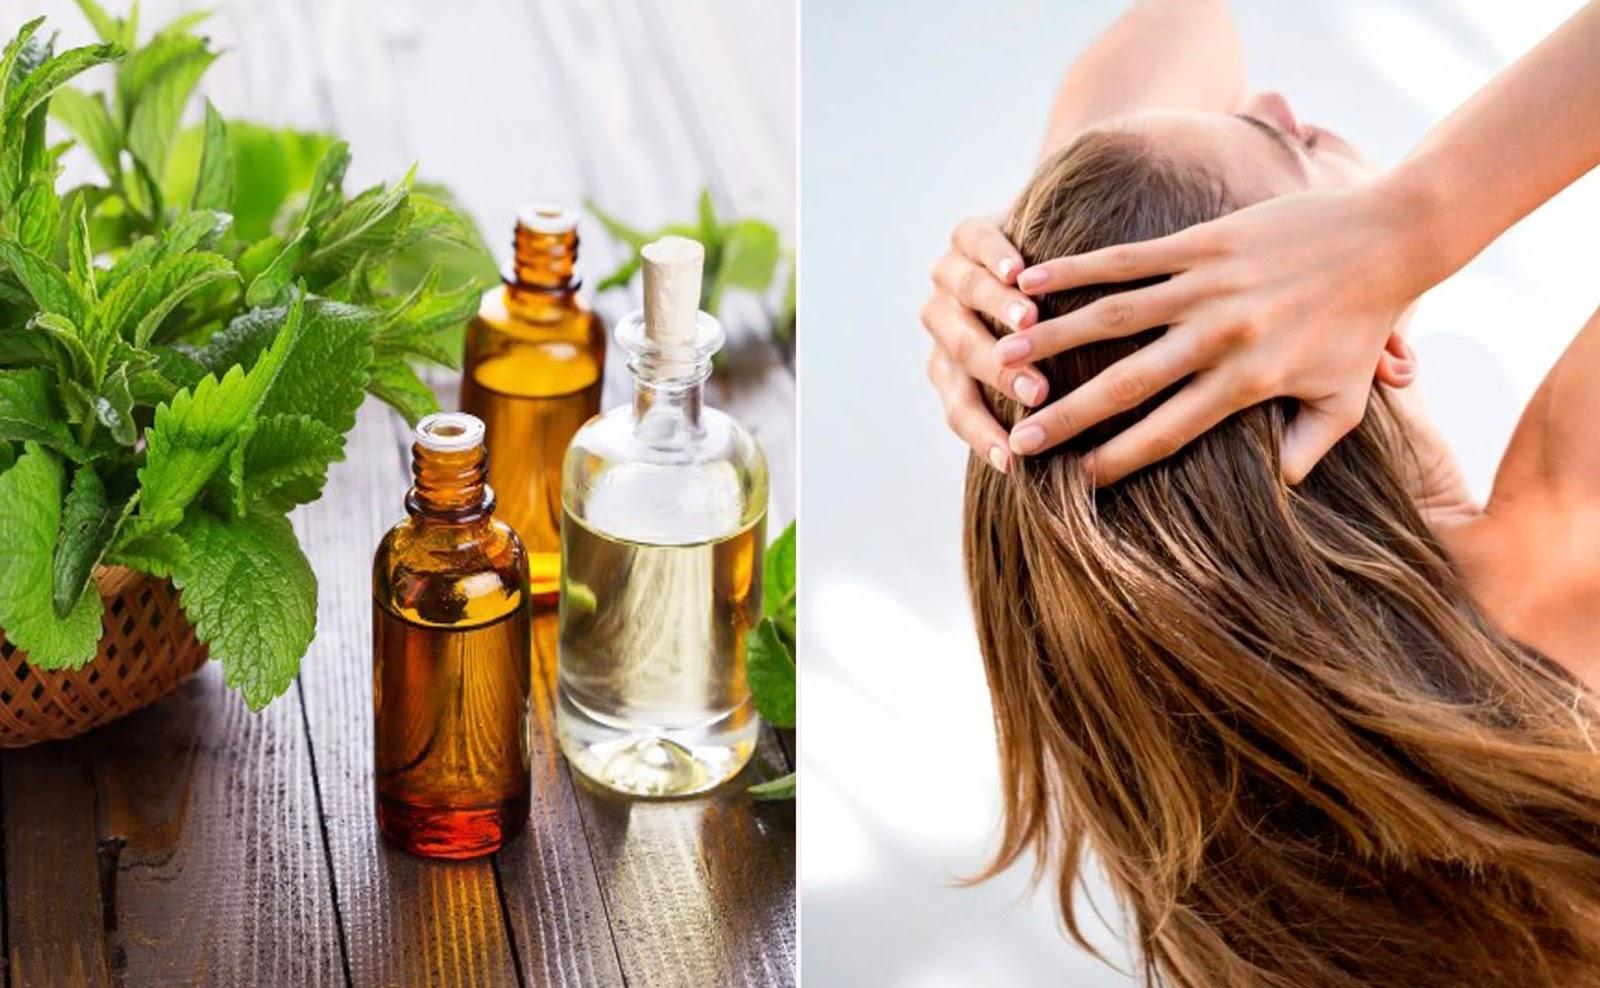 Целебная сила эфирного масла мяты для оздоровления волос